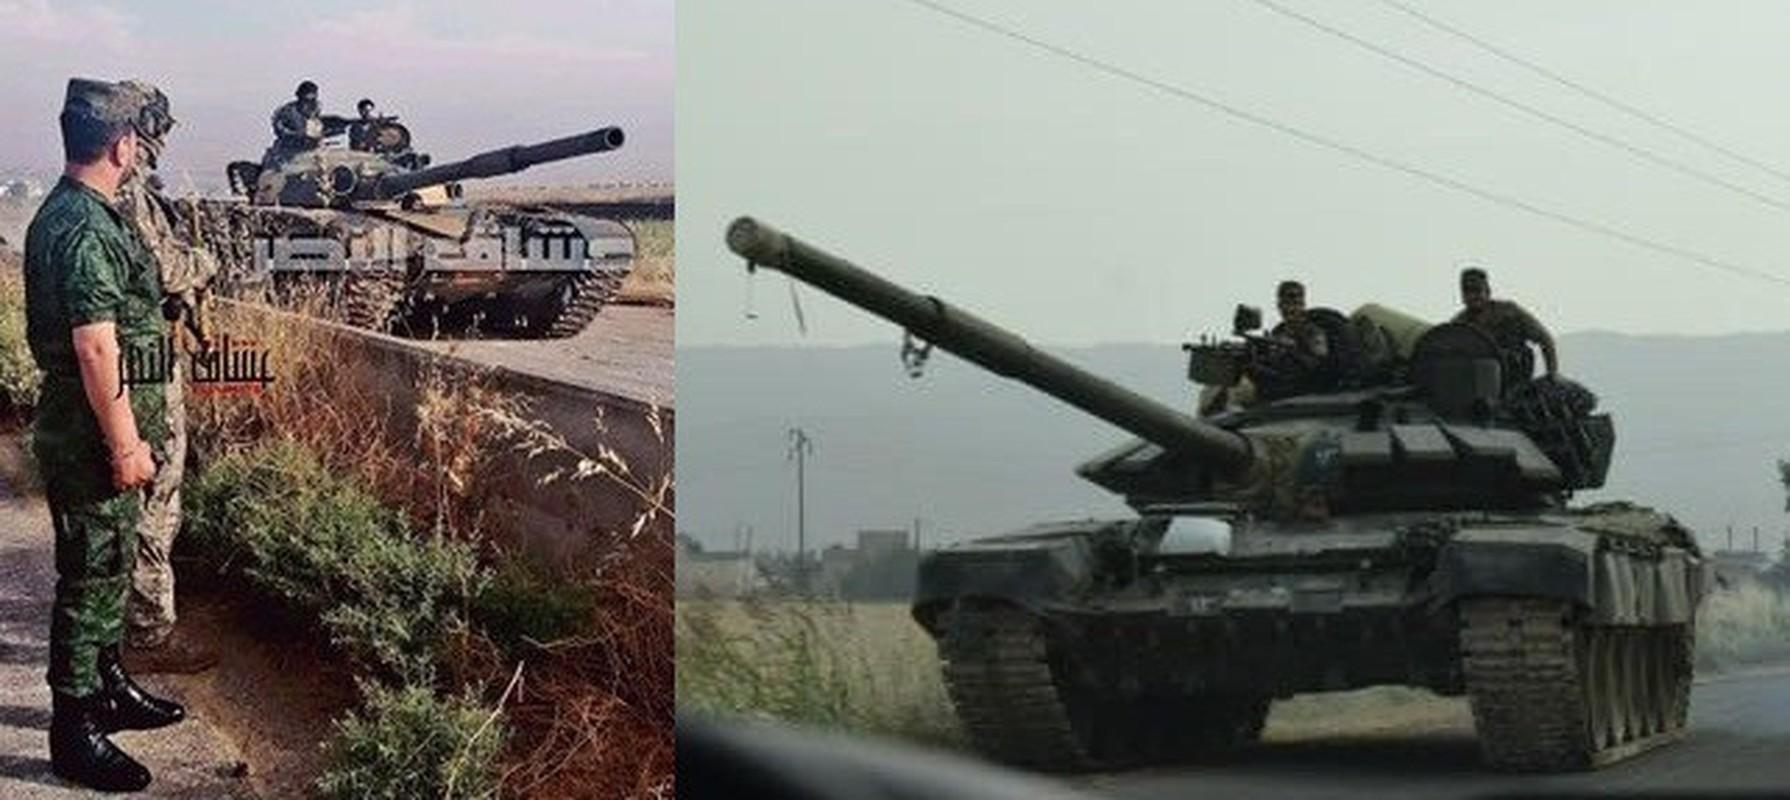 Phien quan HTS dung xe tang T-90A tan cong quan doi chinh phu Syria-Hinh-8